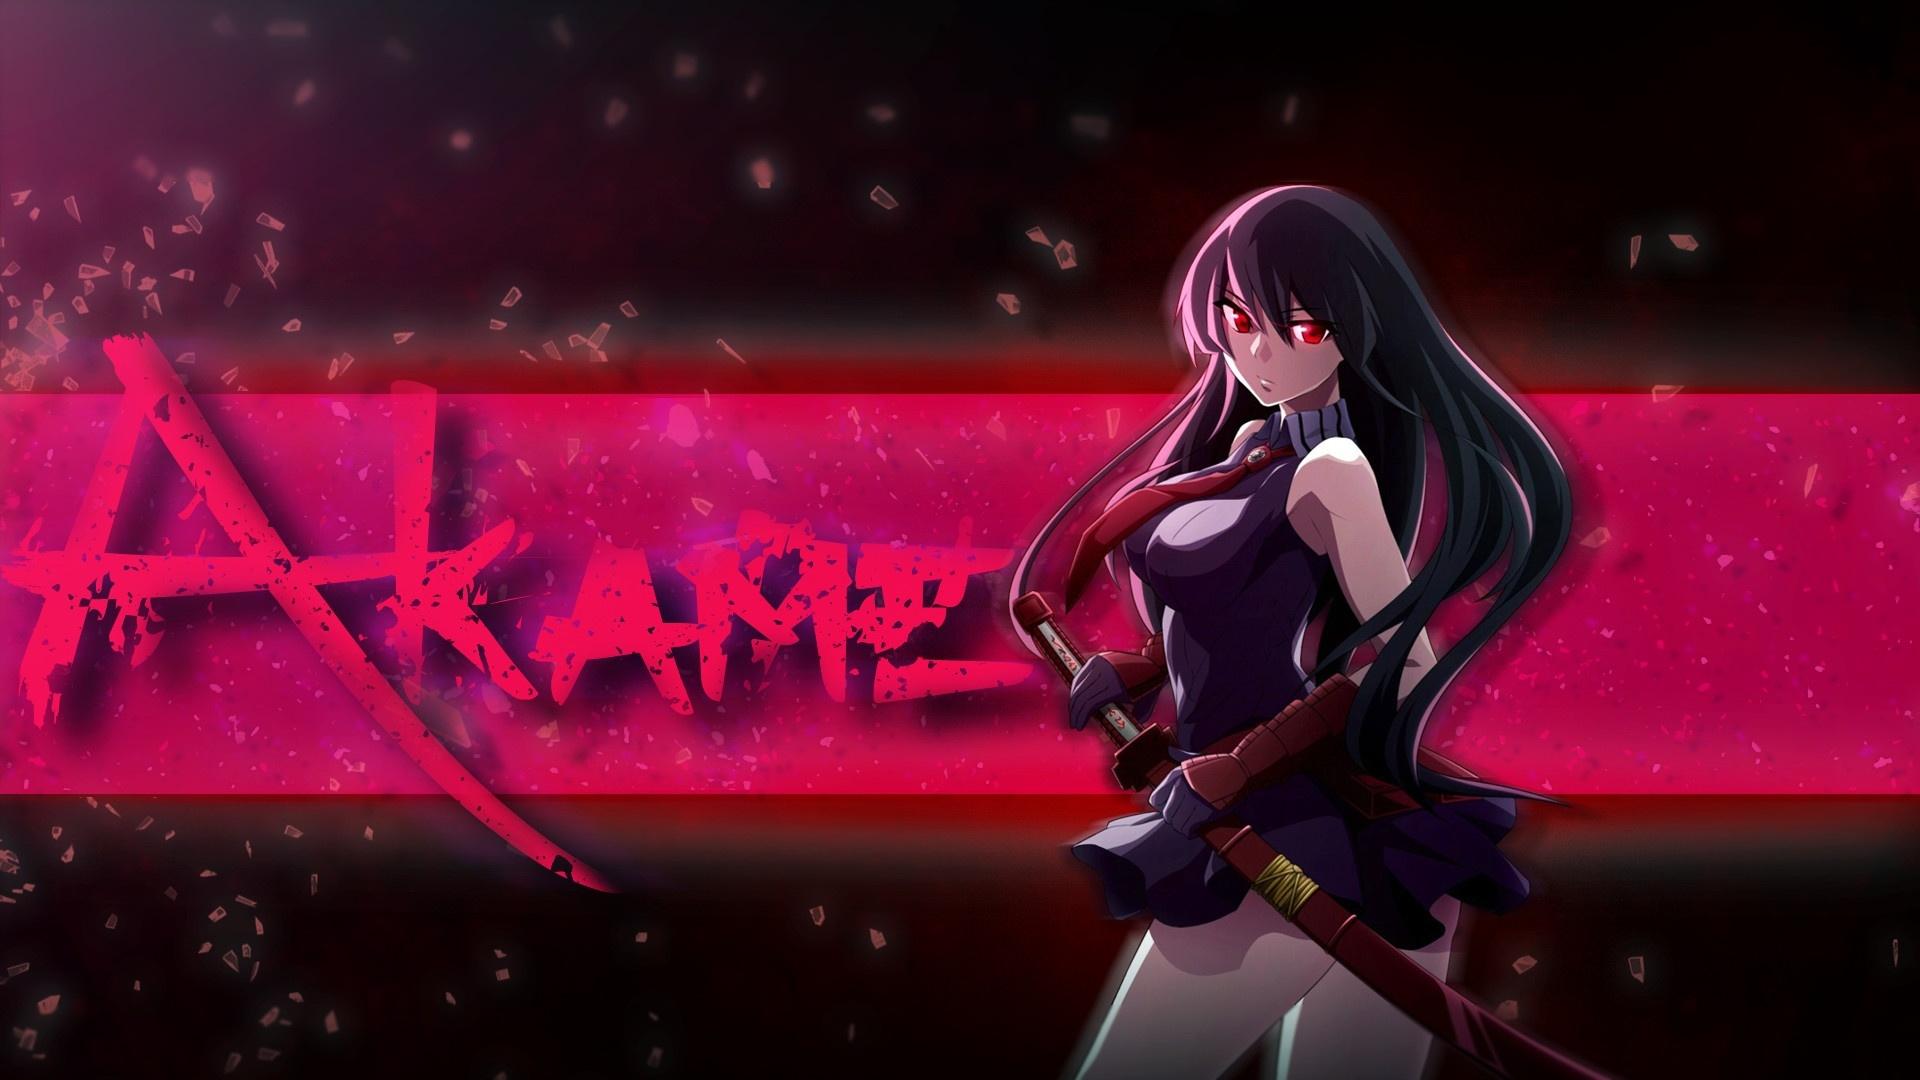 Akame Ga Kill best wallpaper